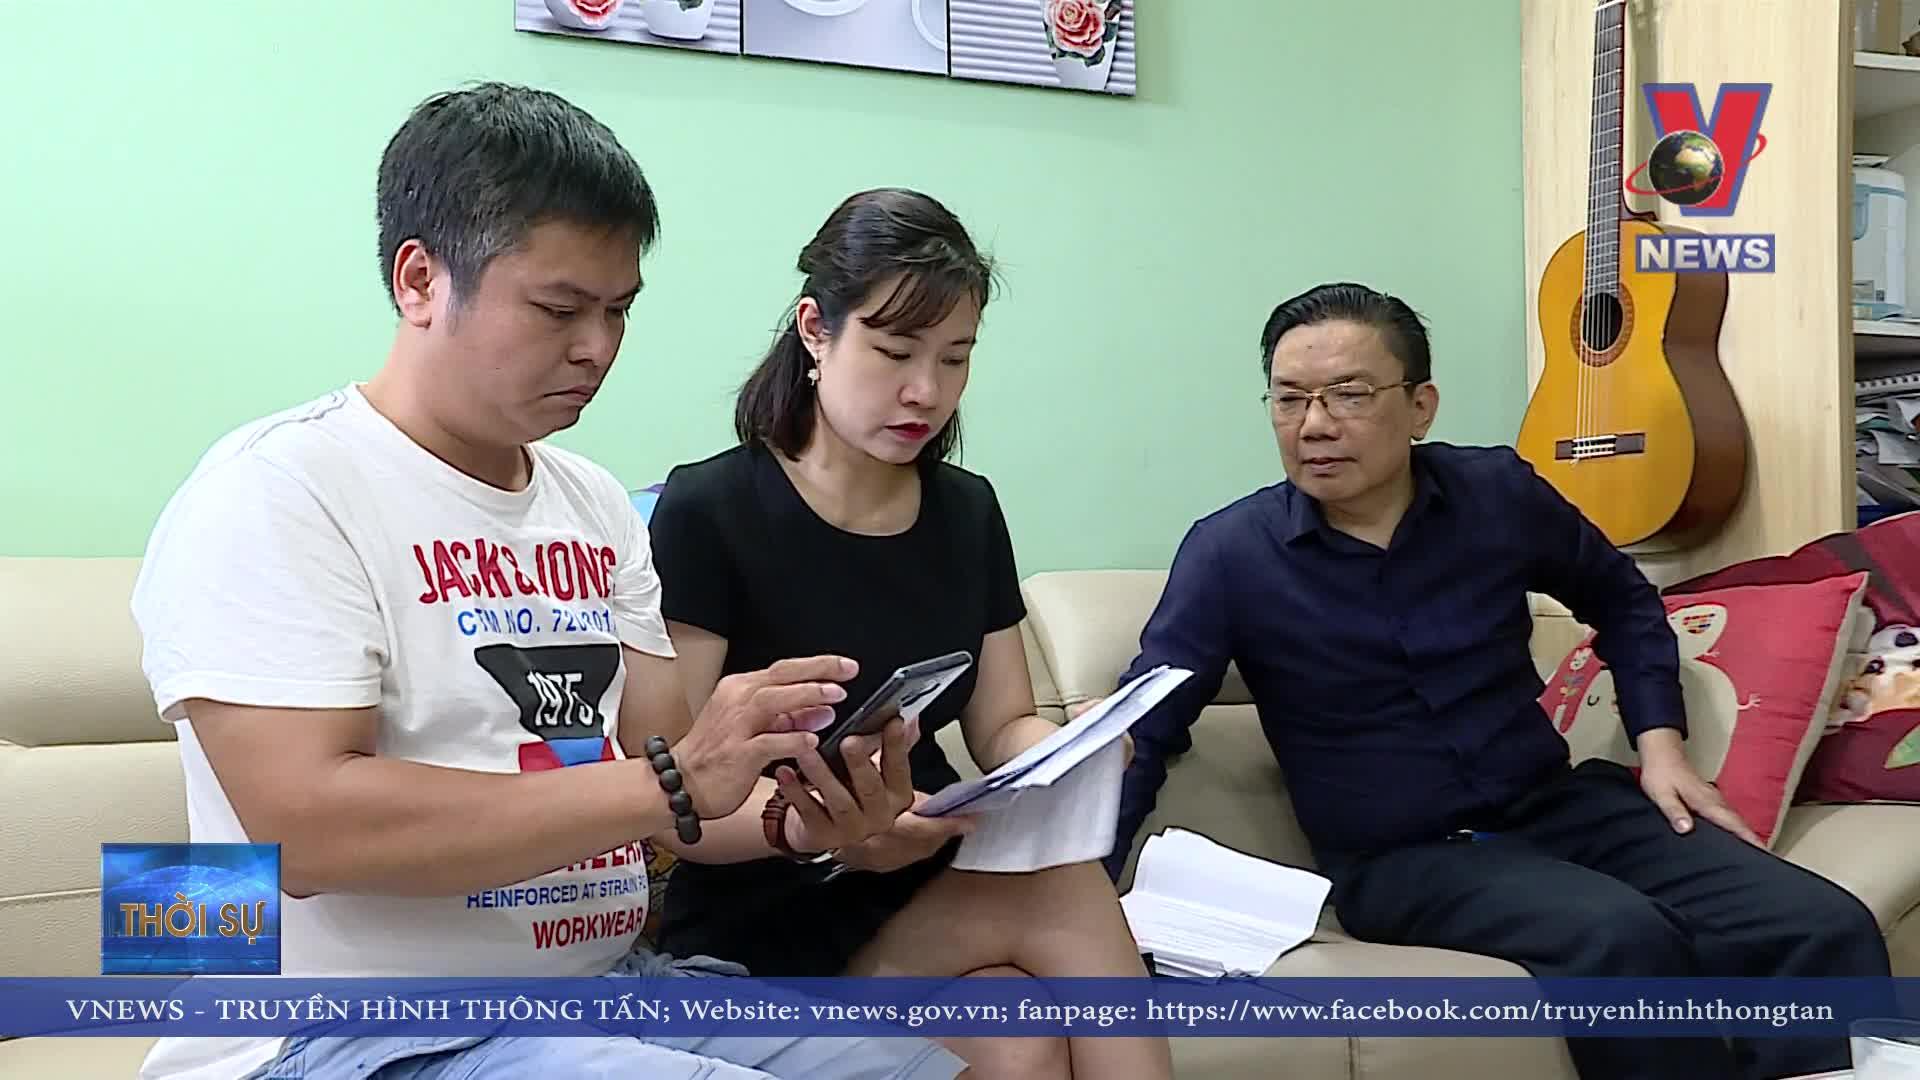 Tiền nước tăng gấp 2-3 lần, nhiều hộ dân tại Hà Nội bức xúc